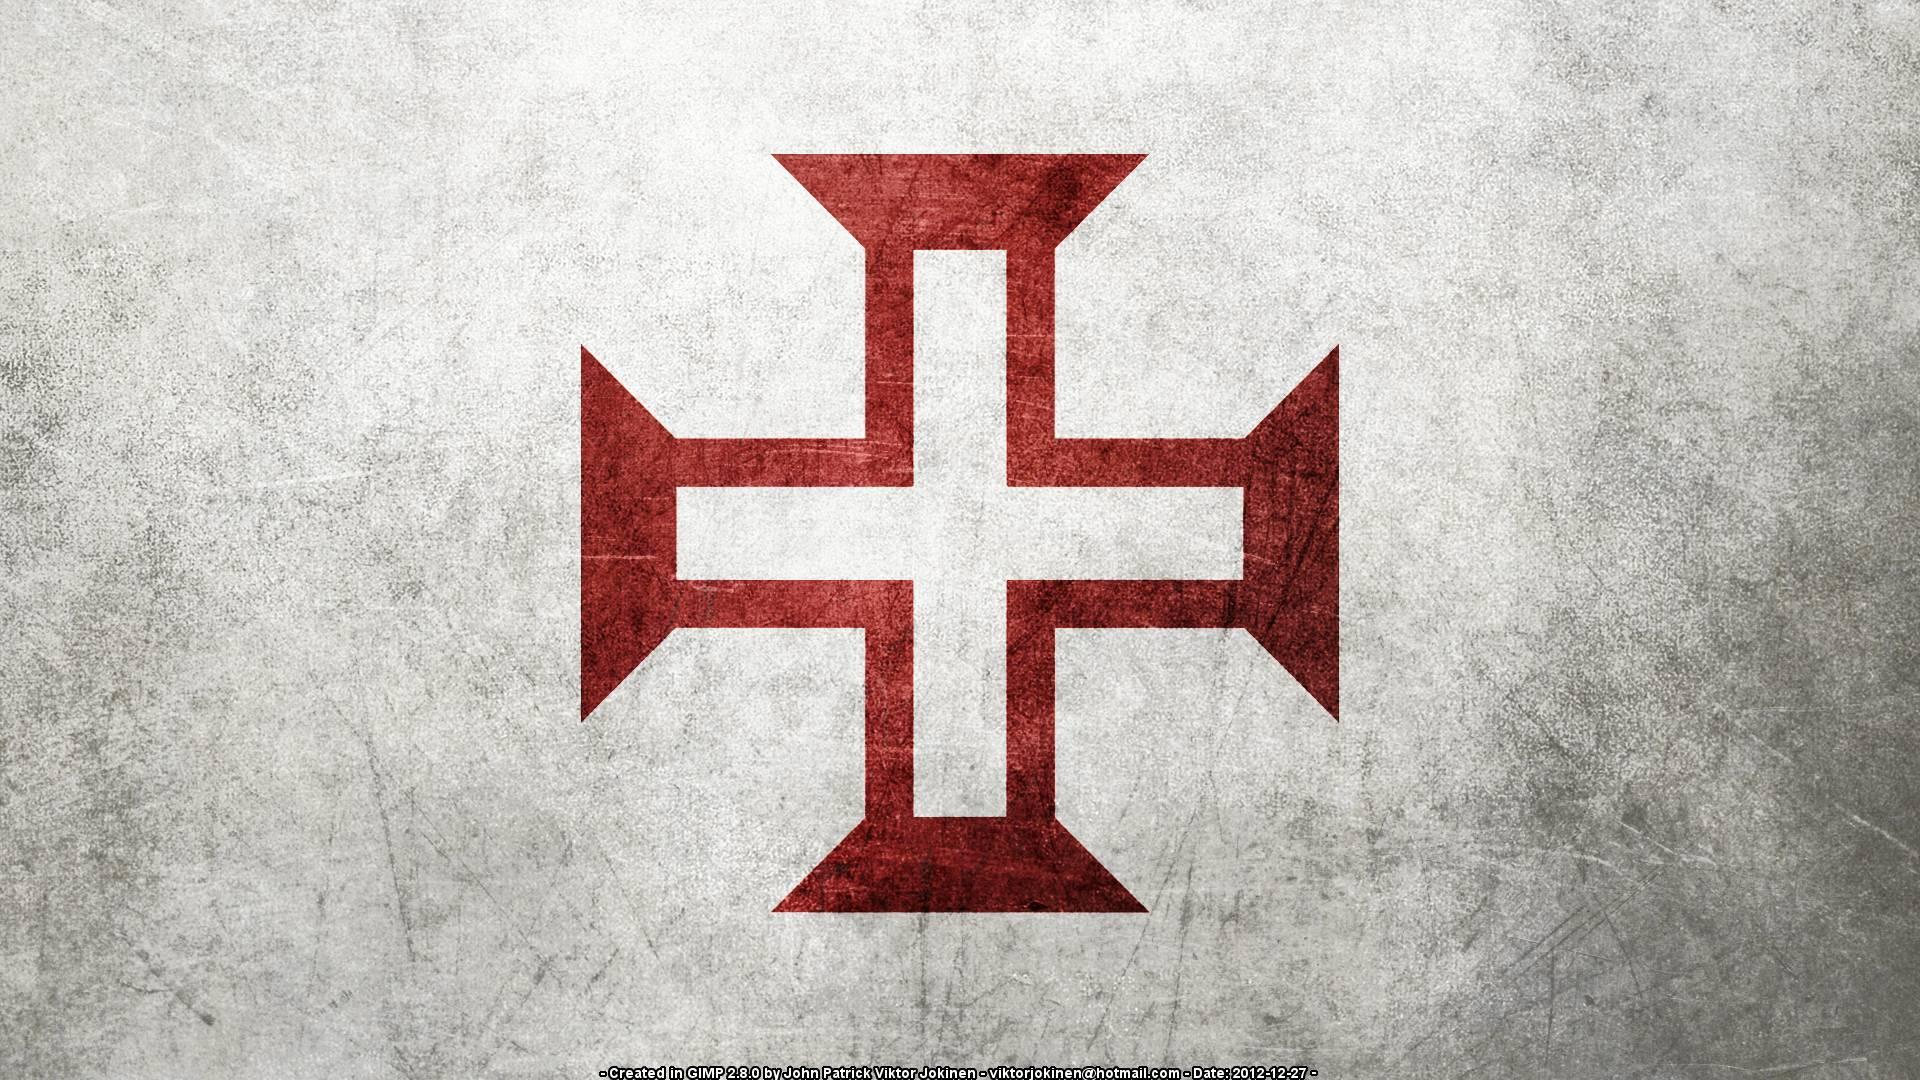 hd wallpapers crusader knights - photo #29